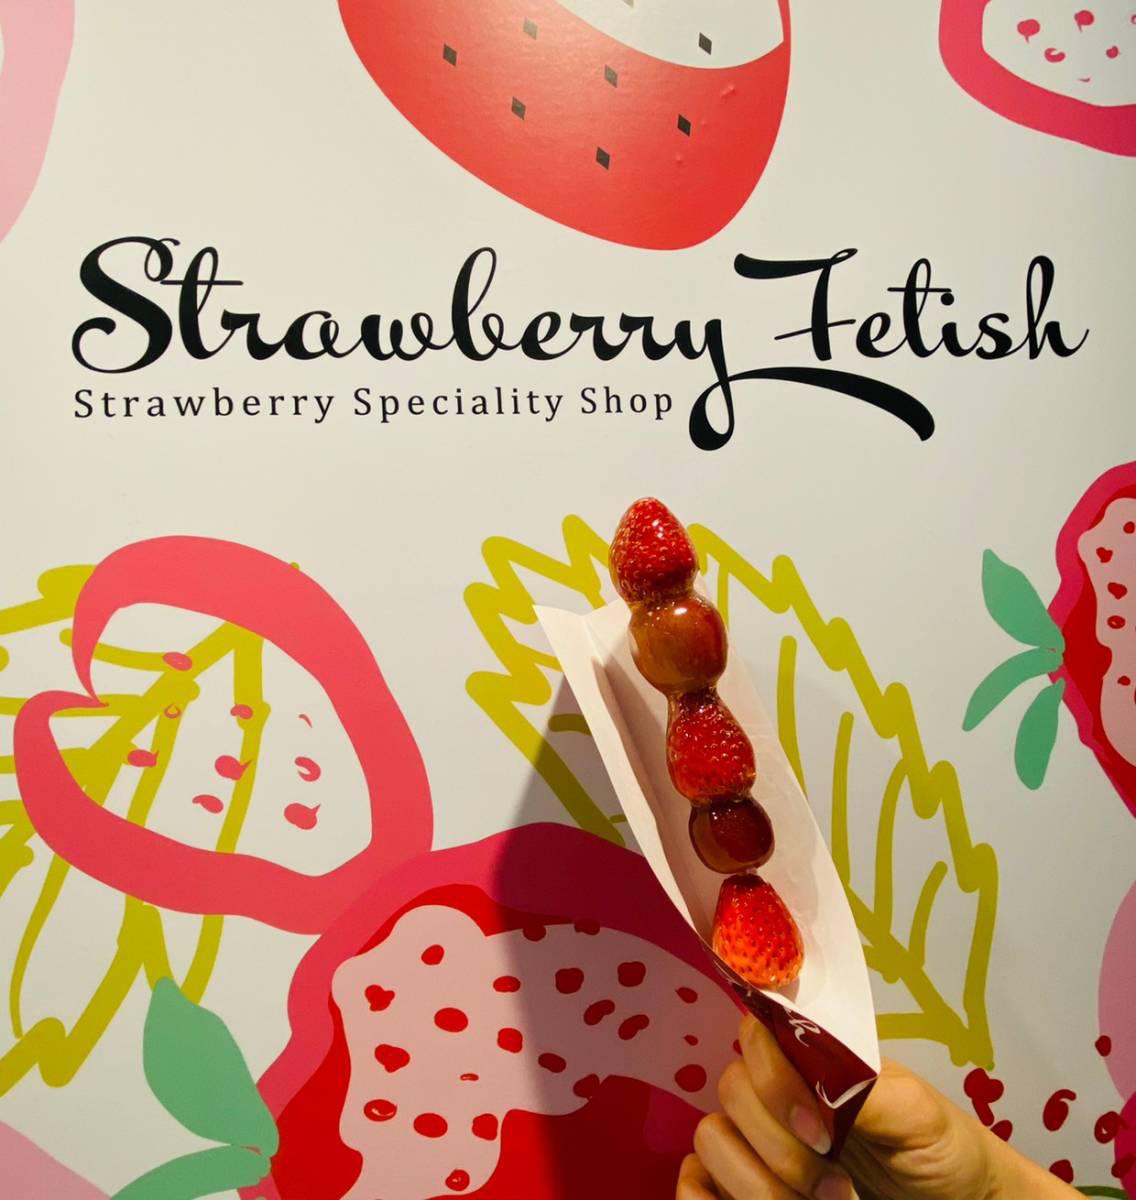 埼玉初!2021年3月11日オープン『Strawberry Fetish (ストロベリーフェチ)ららぽーと富士見店』に行って食べてきた。